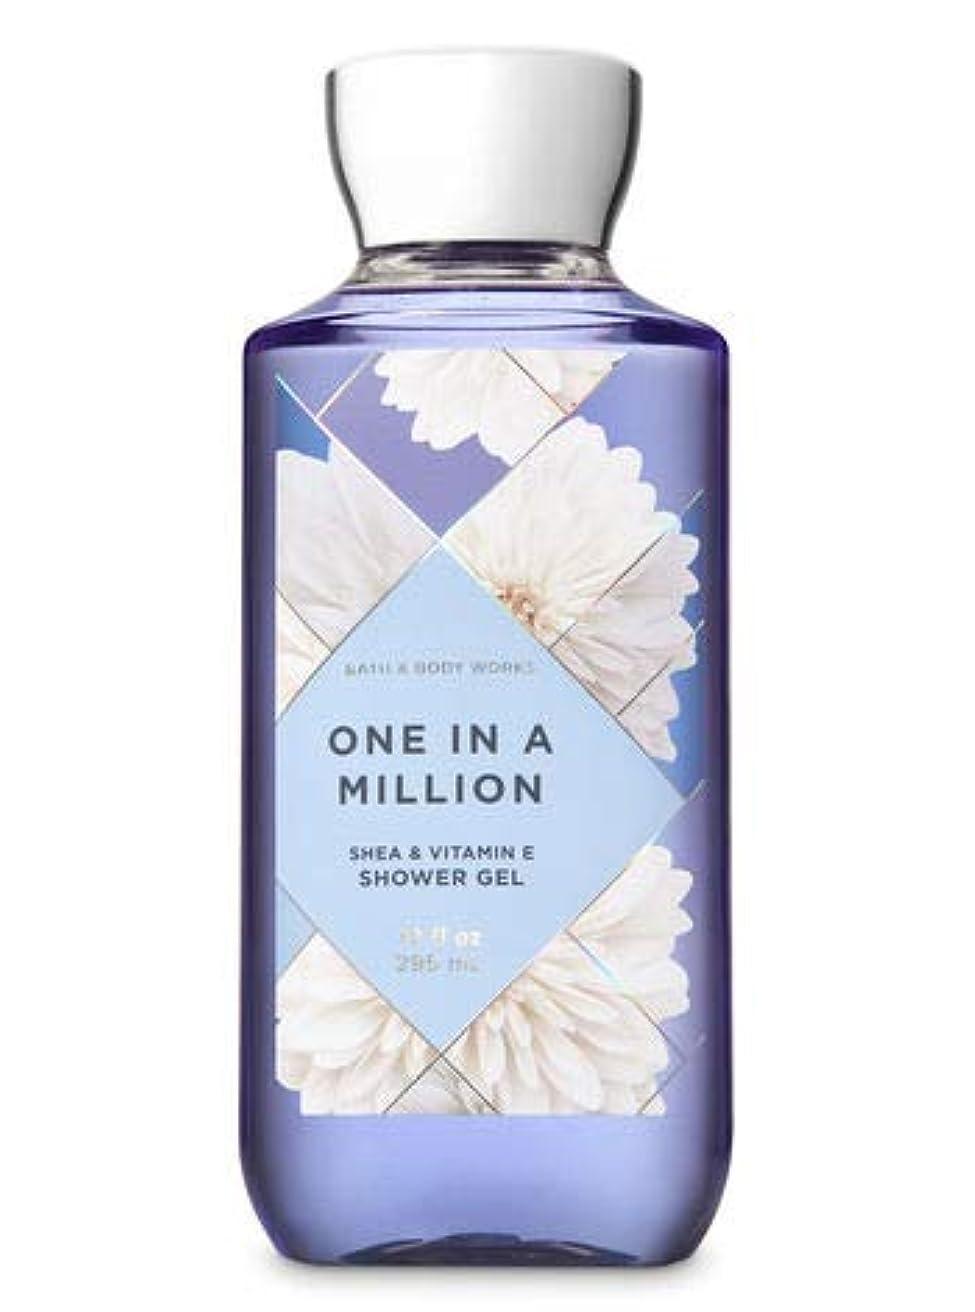 ピカリングタイト肌寒い【Bath&Body Works/バス&ボディワークス】 シャワージェル ワンインアミリオン Shower Gel One in a Million 10 fl oz / 295 mL [並行輸入品]